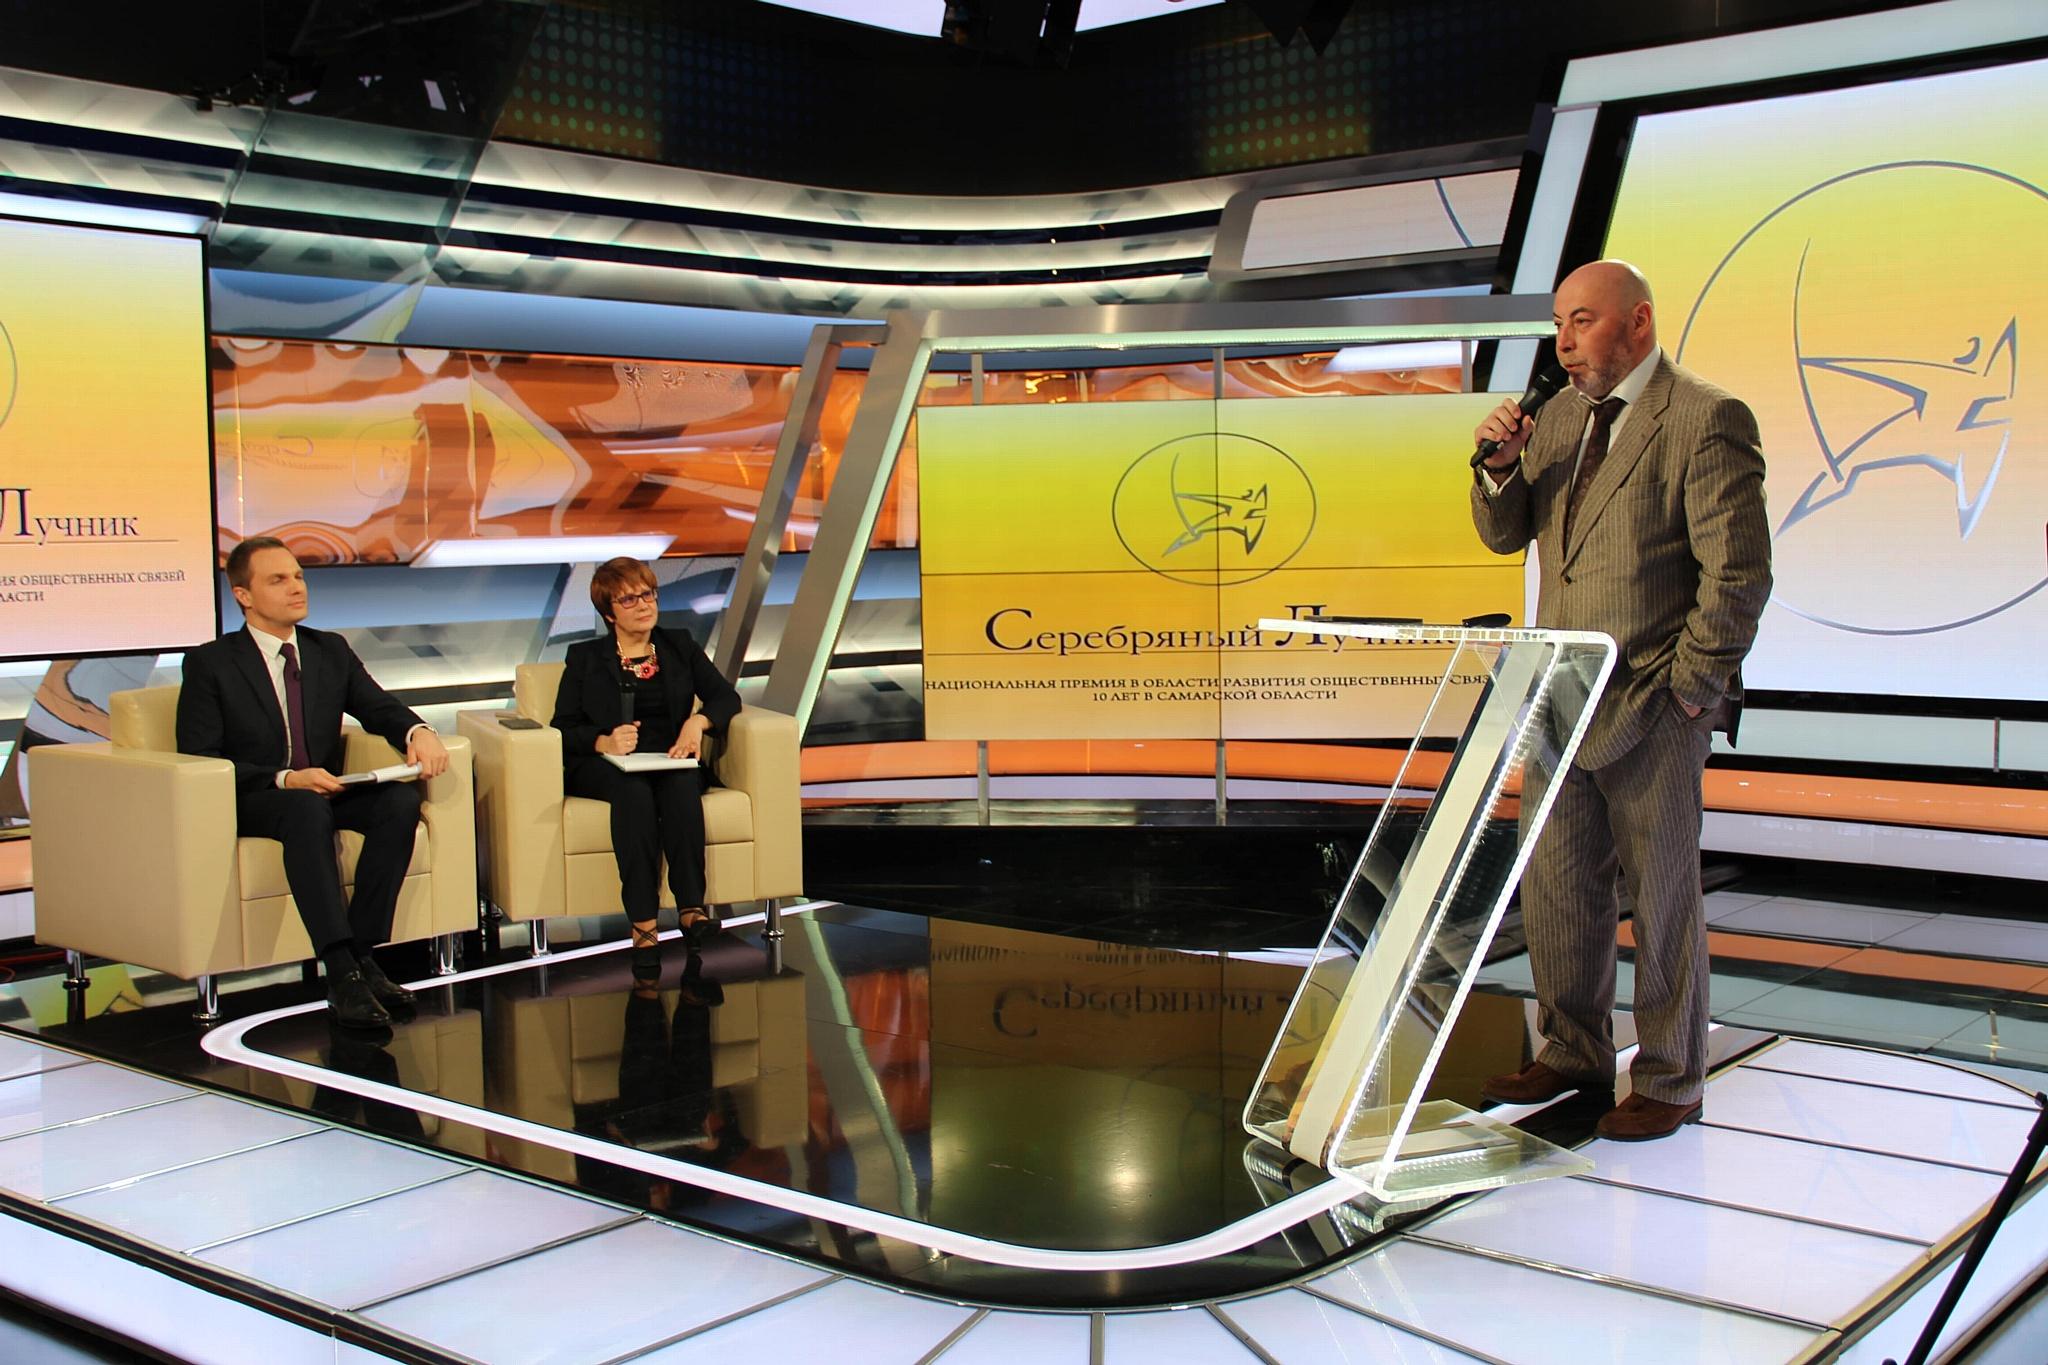 Легенды PR и прямой эфир: в Самаре вручили «Серебряного лучника»